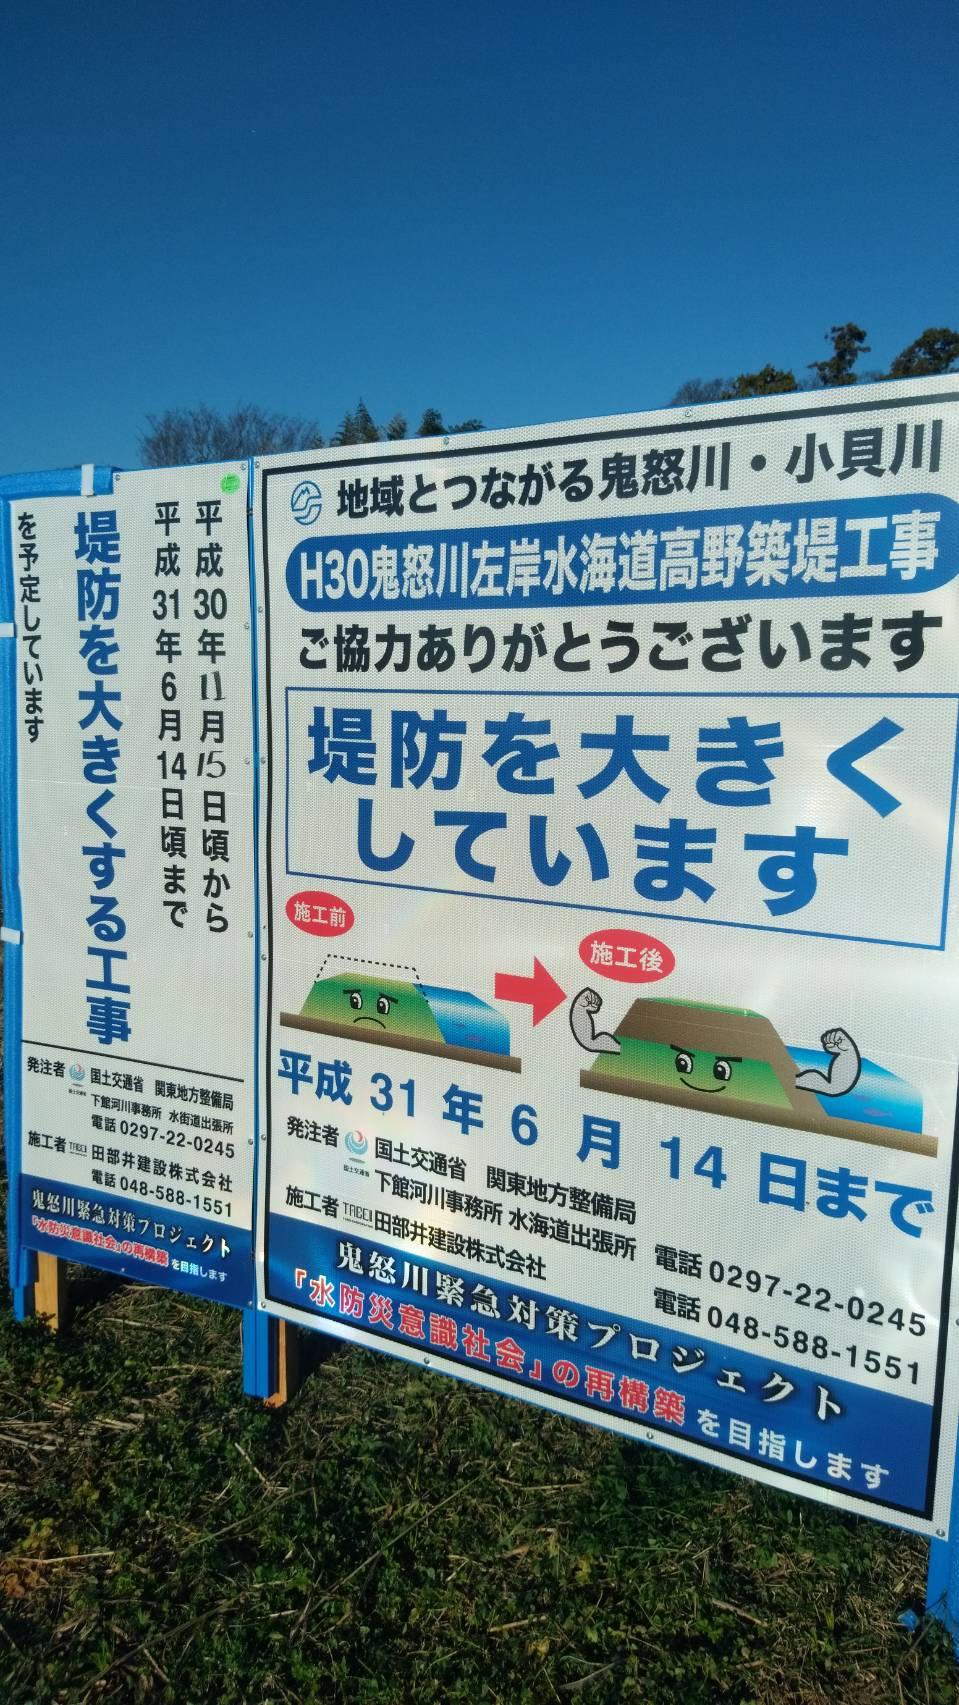 国土交通省緊急プロジェクト堤防強化工事